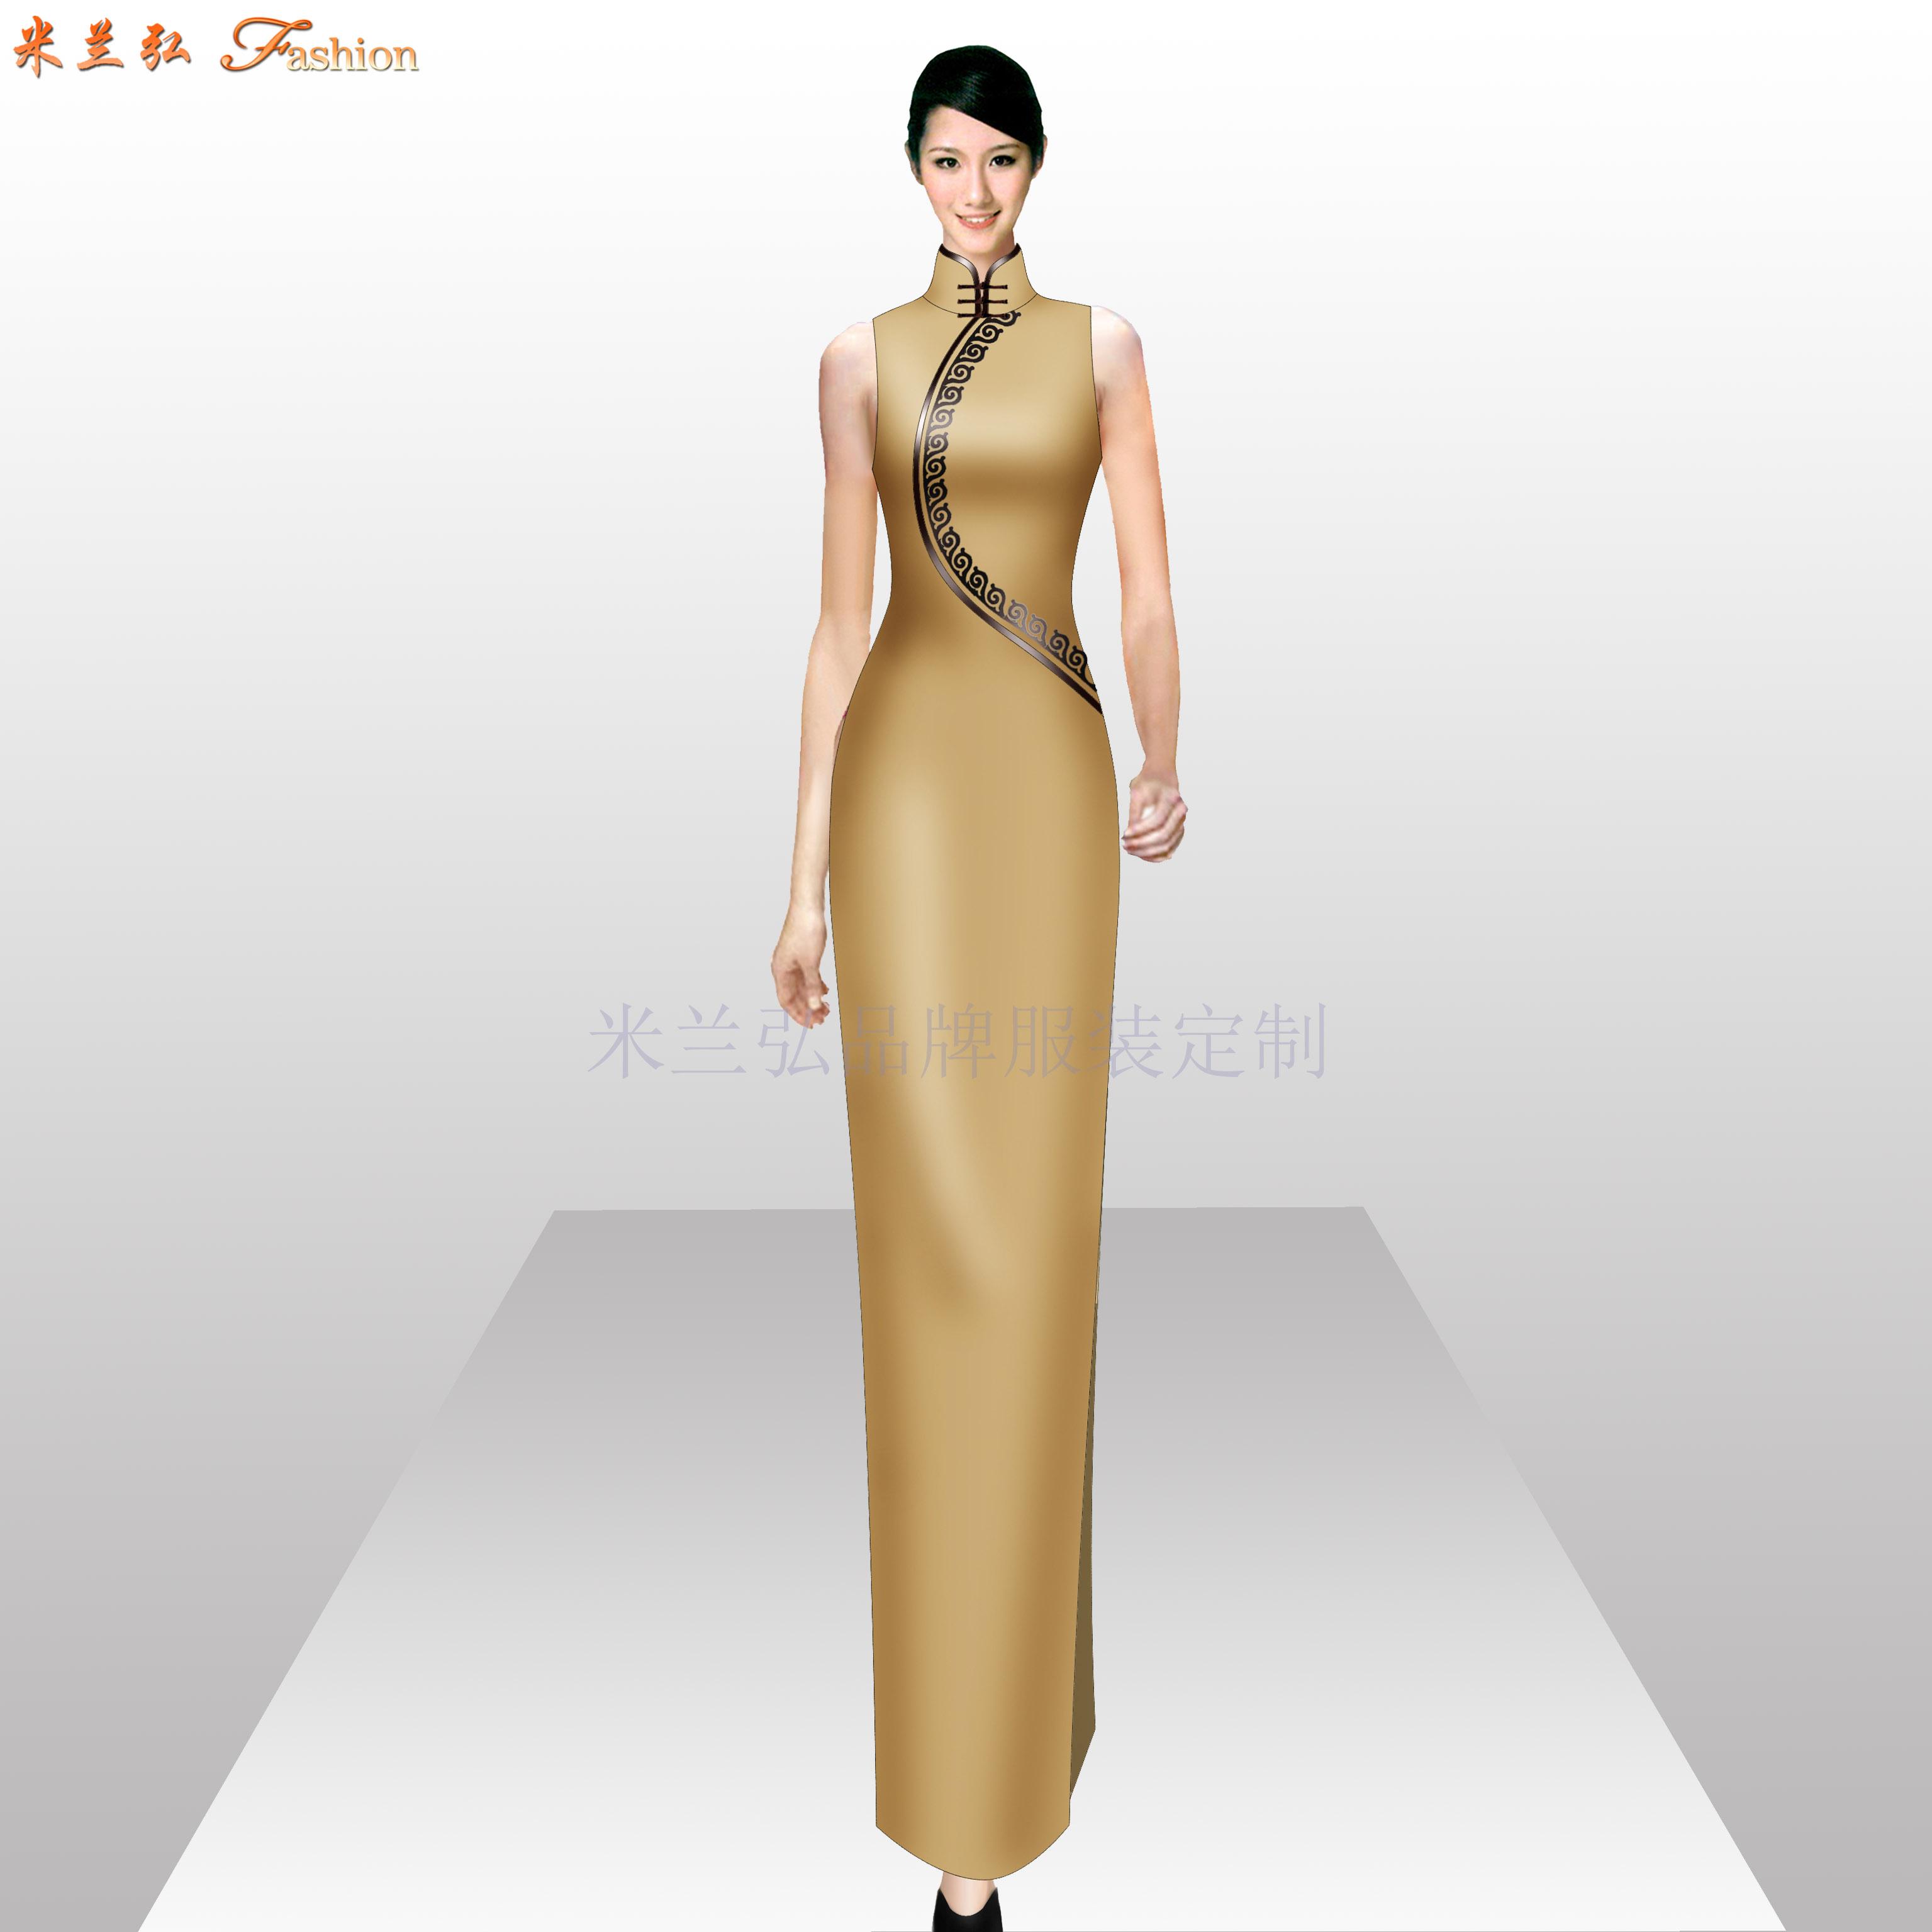 「旗袍高端定制」「旗袍高级订制」-米兰弘品牌服装-4